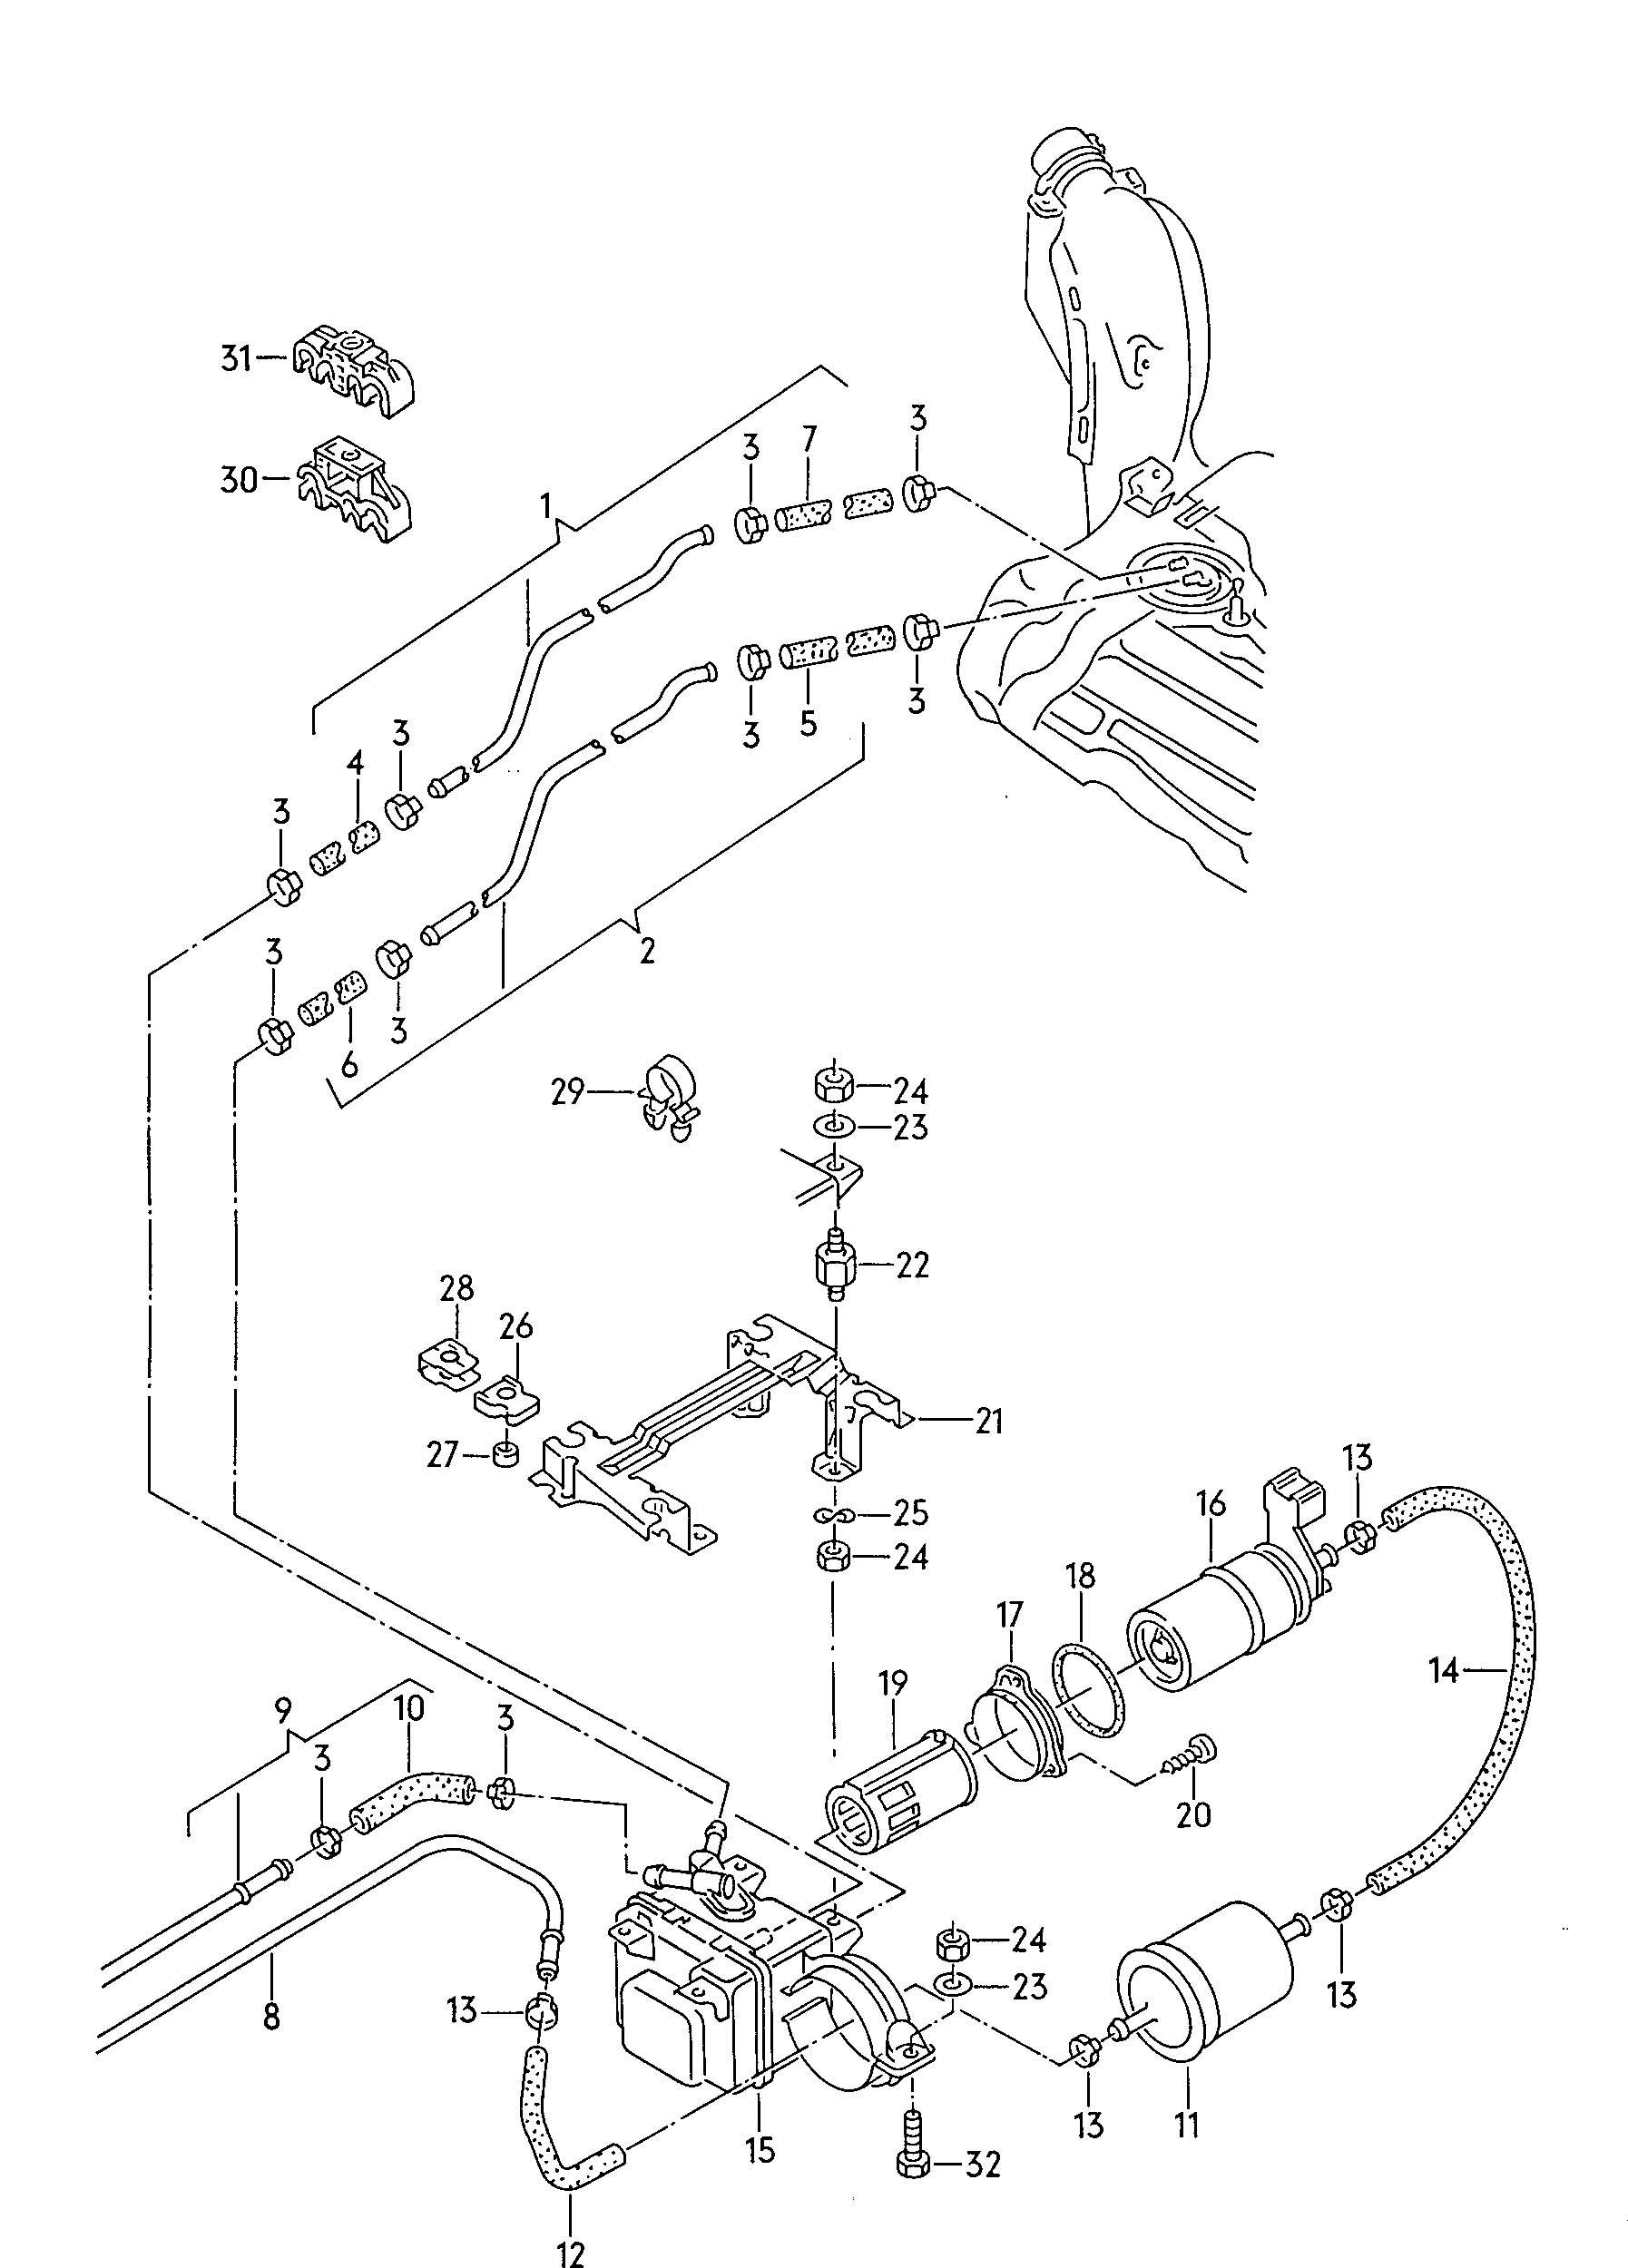 1992 Volkswagen Jetta Fuel line casing for fuel pump fuel